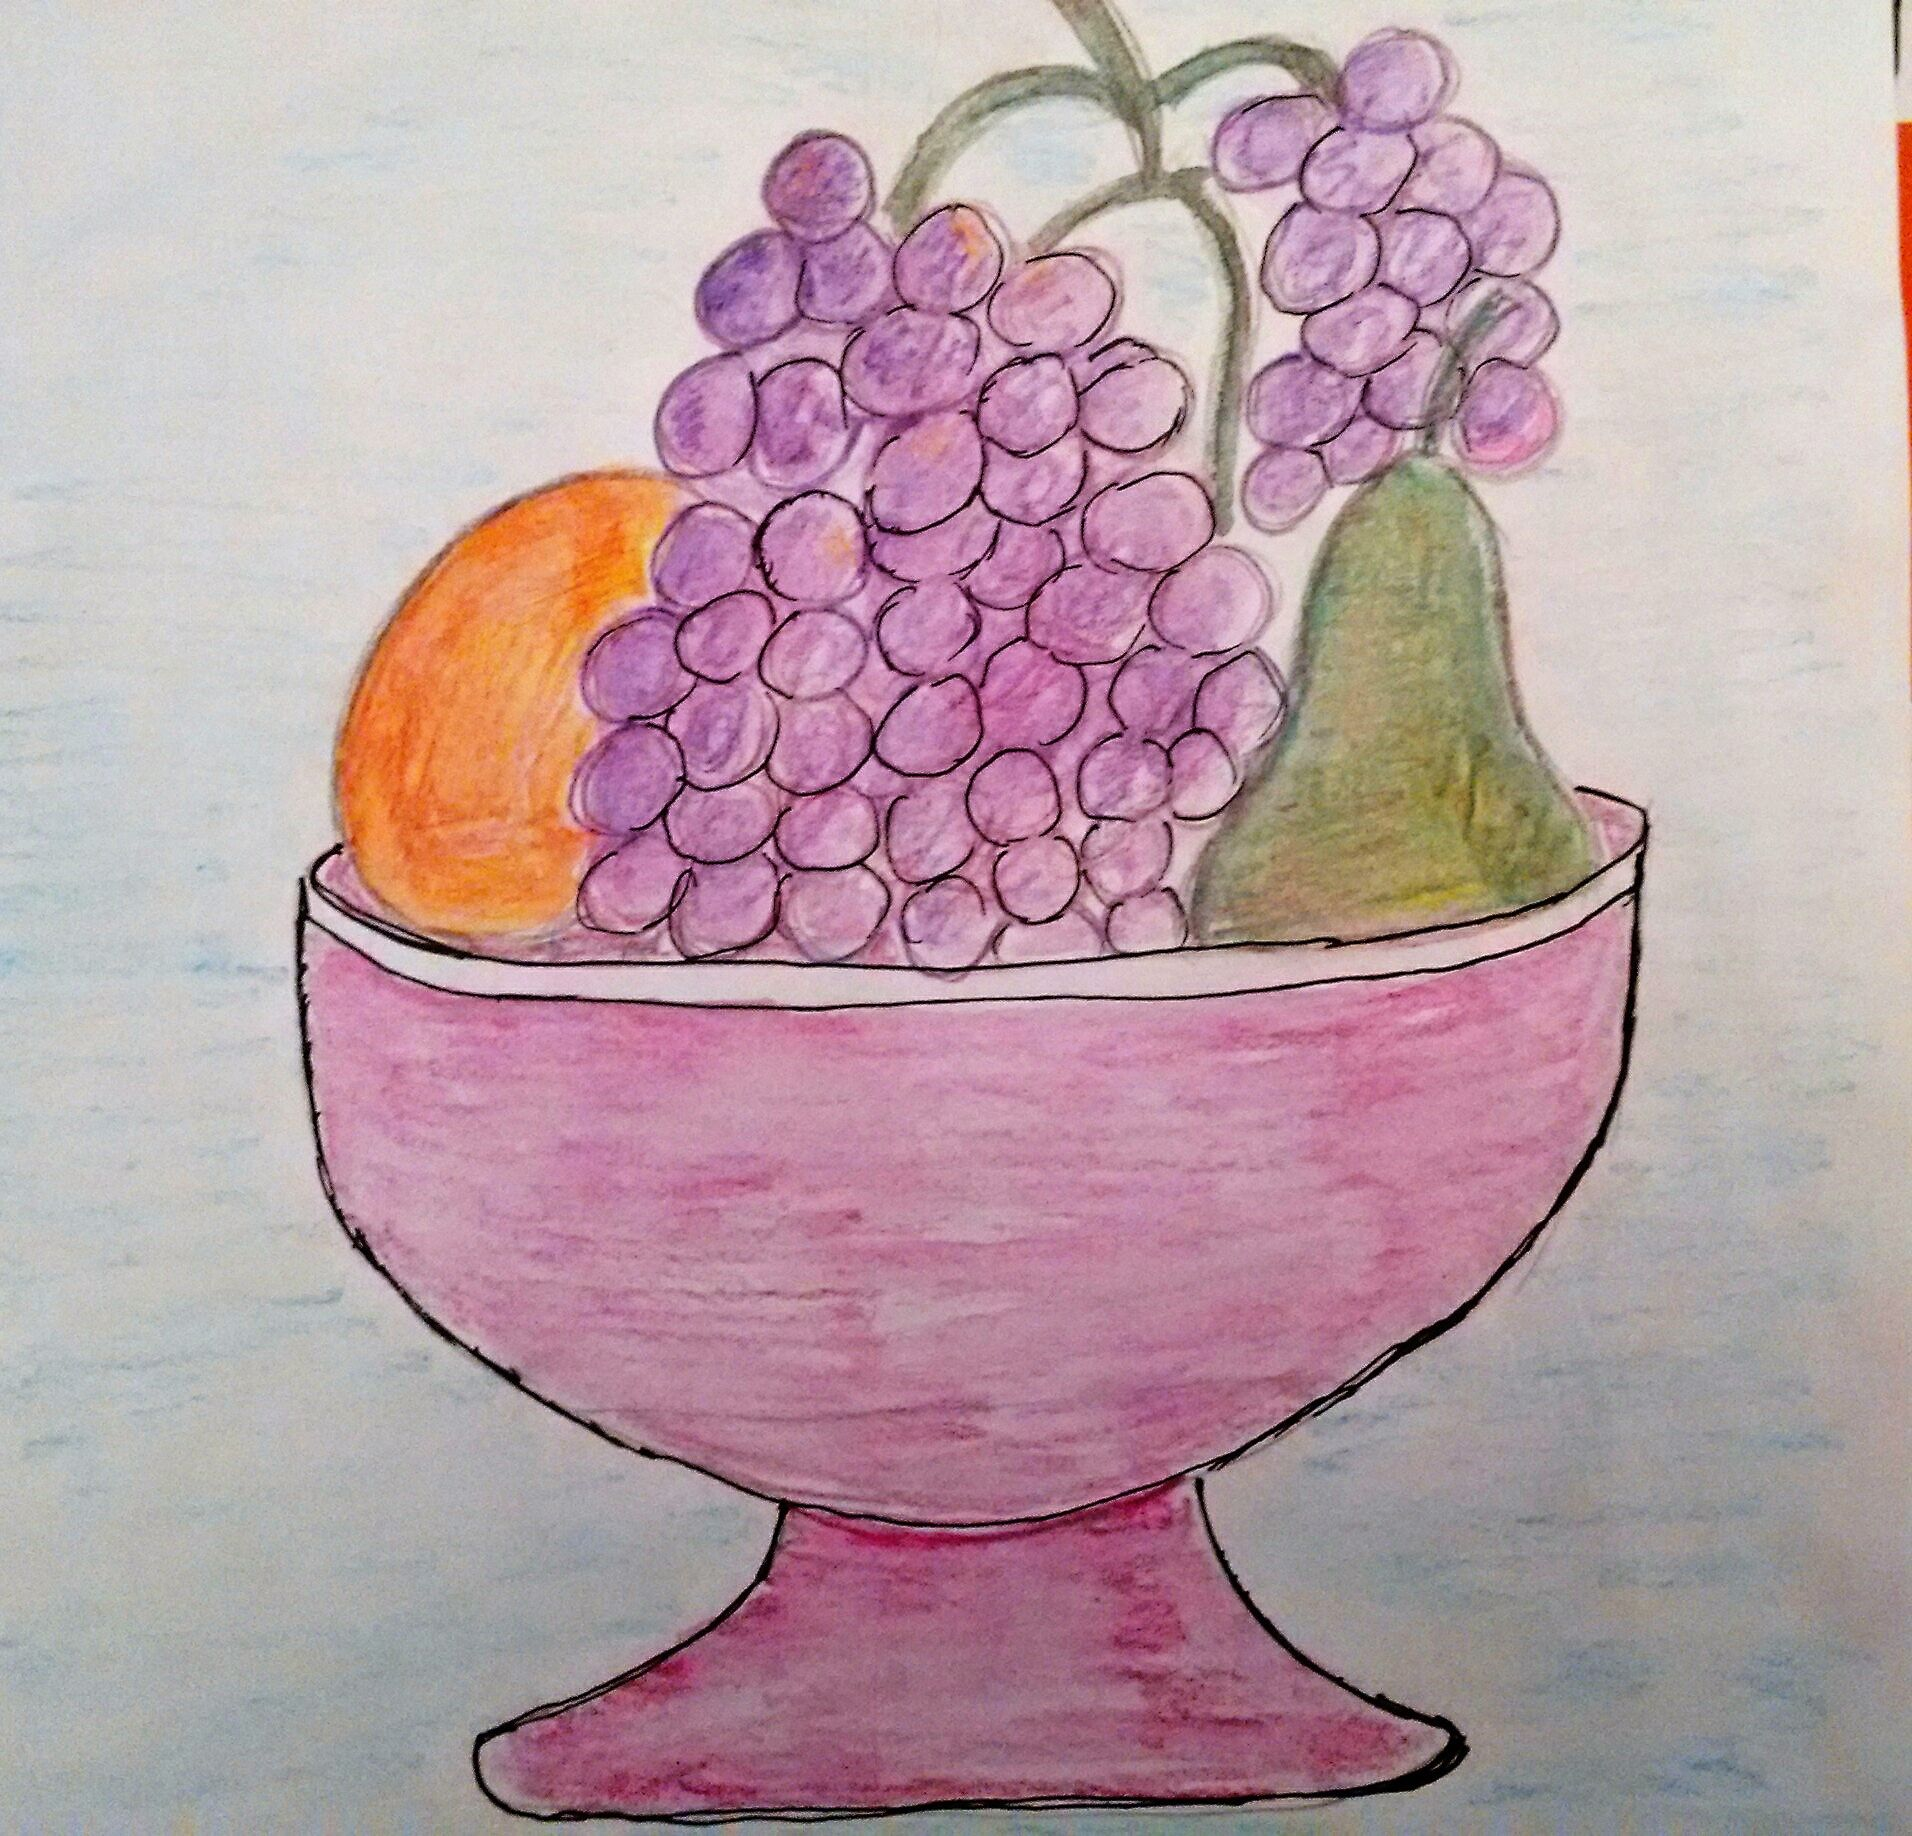 картинки для рисования натюрморта из фруктов любим украшать